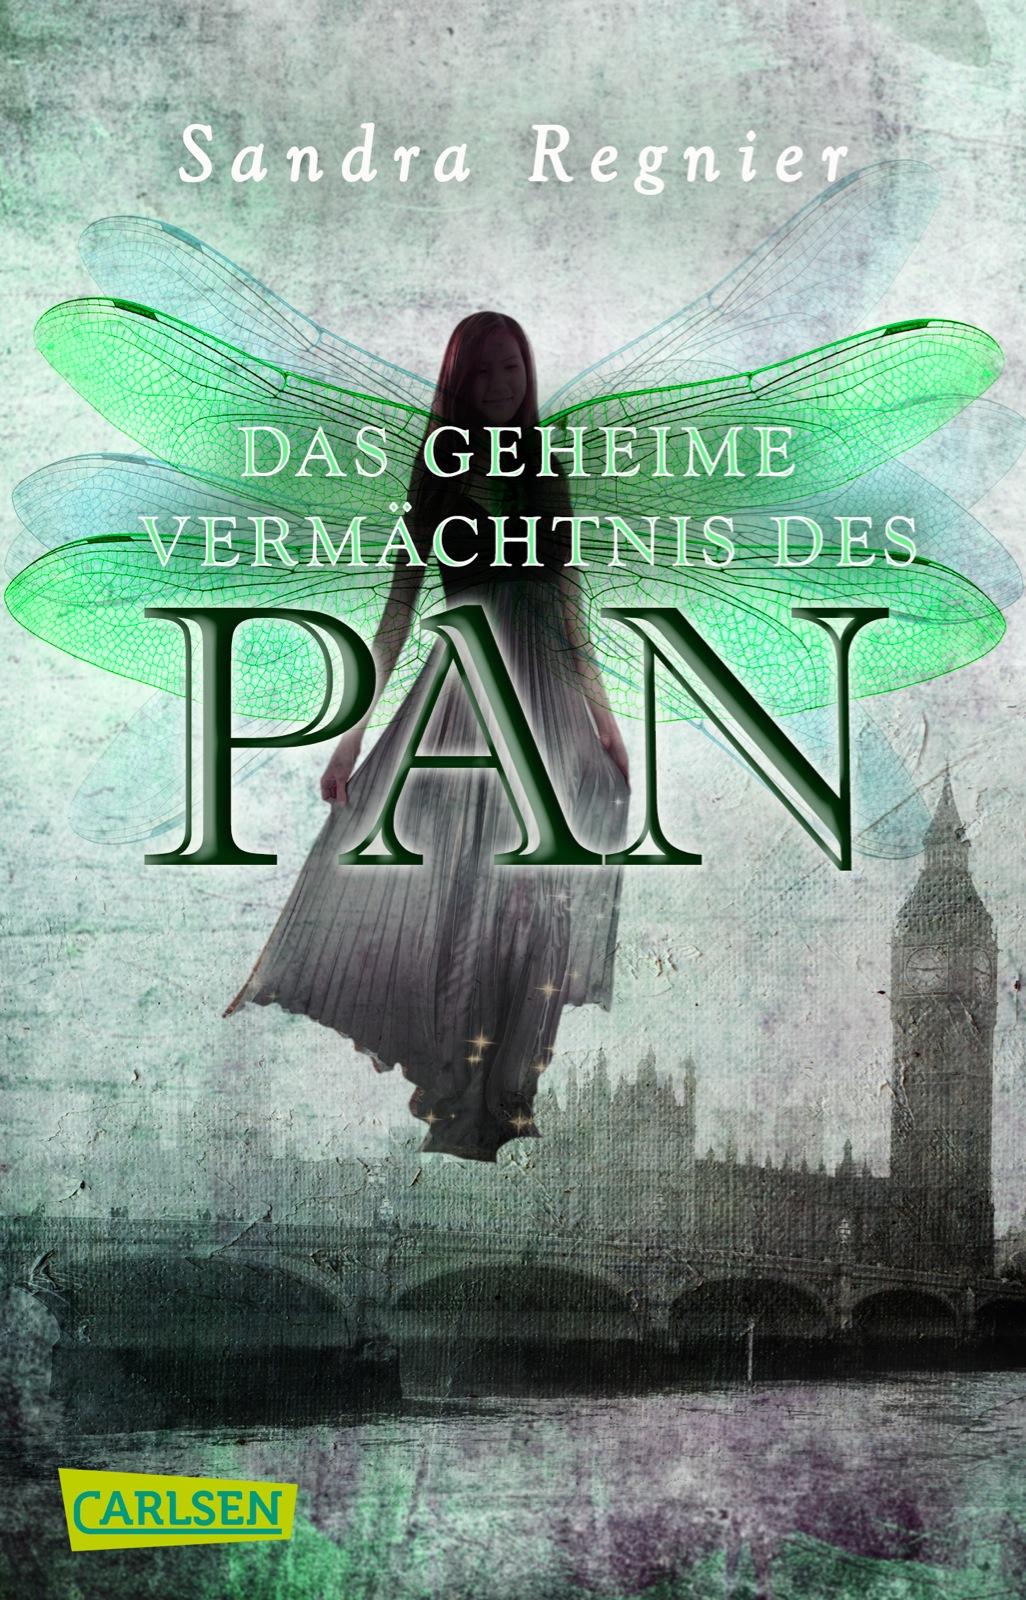 Die Pan-Trilogie: Band 1 - Das geheime Vermächtnis des Pan - Sandra Regnier [Taschenbuch]